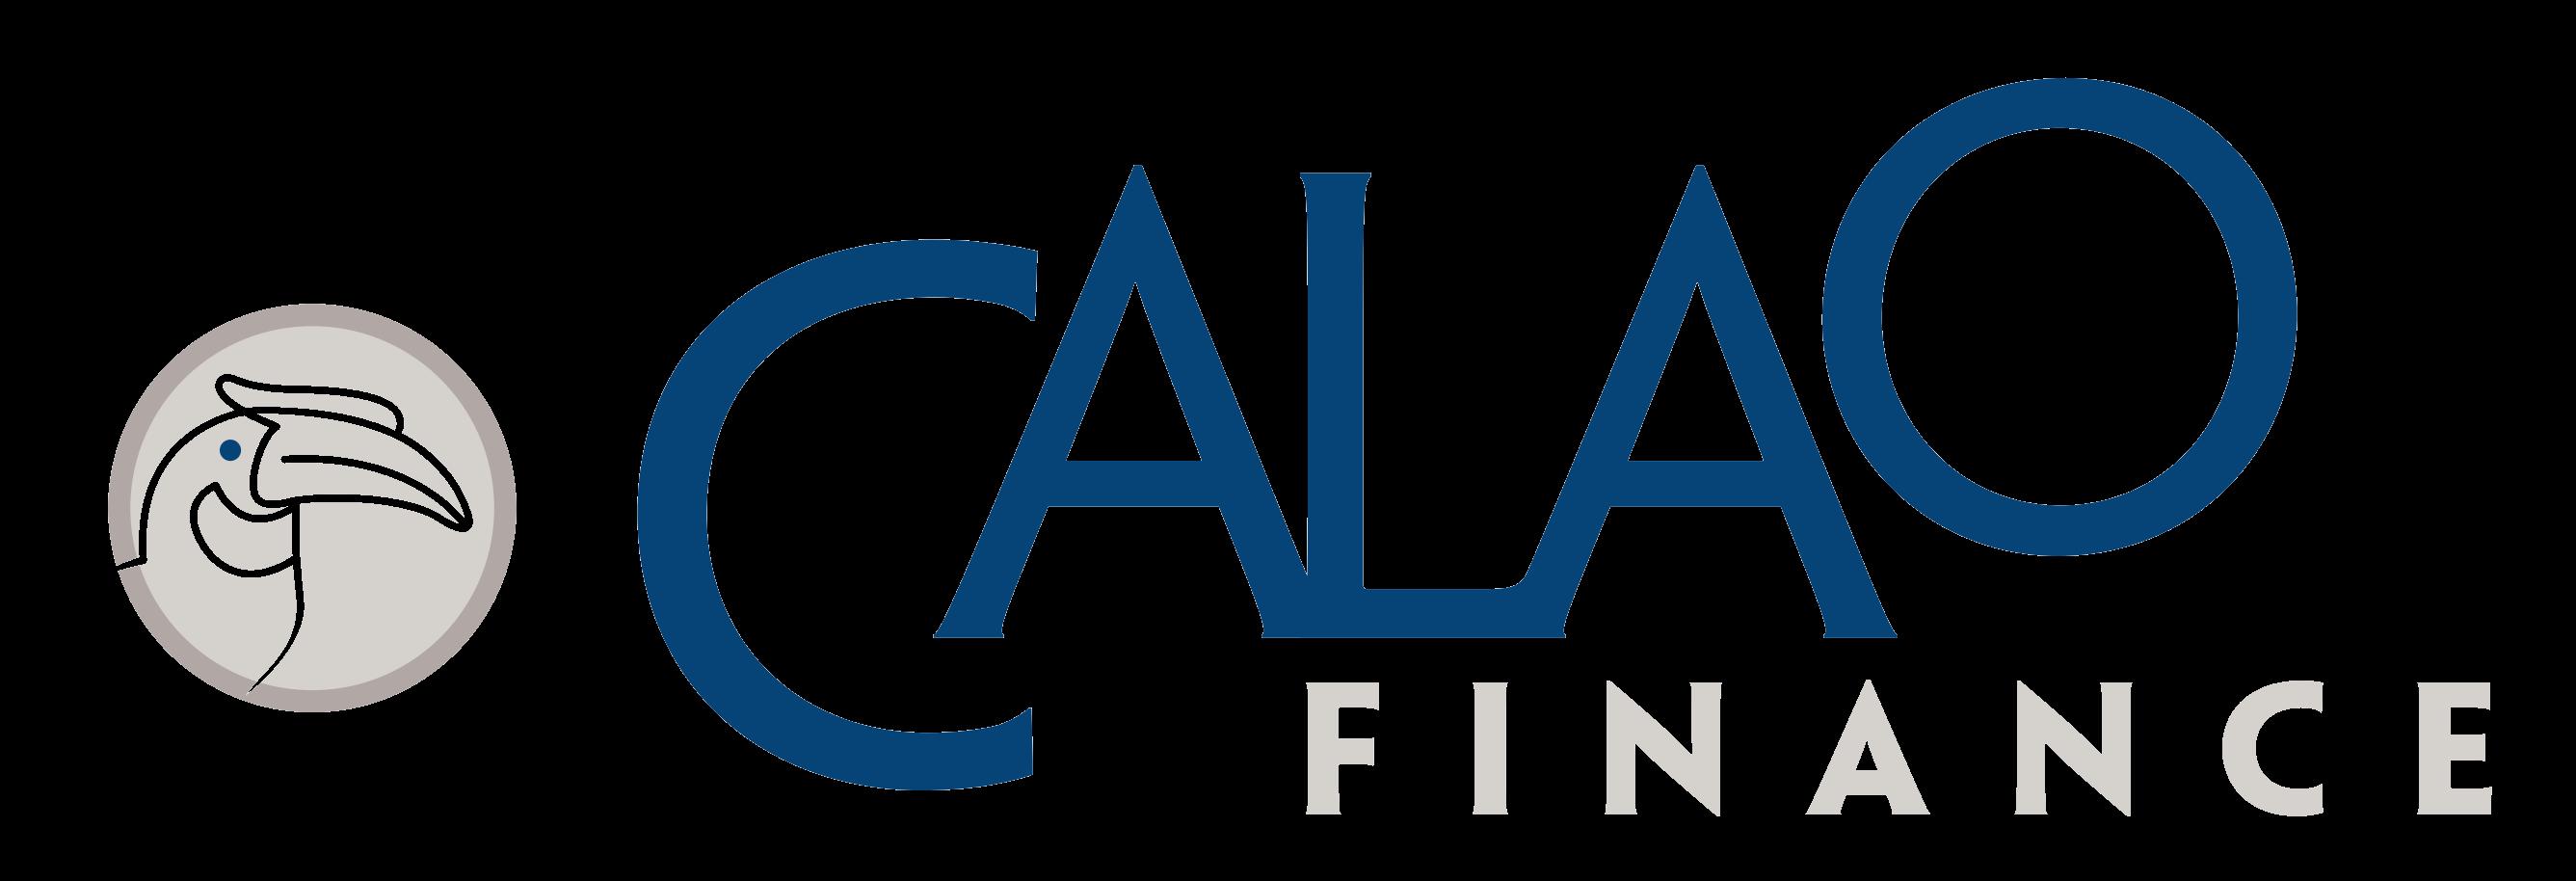 Calao Finance